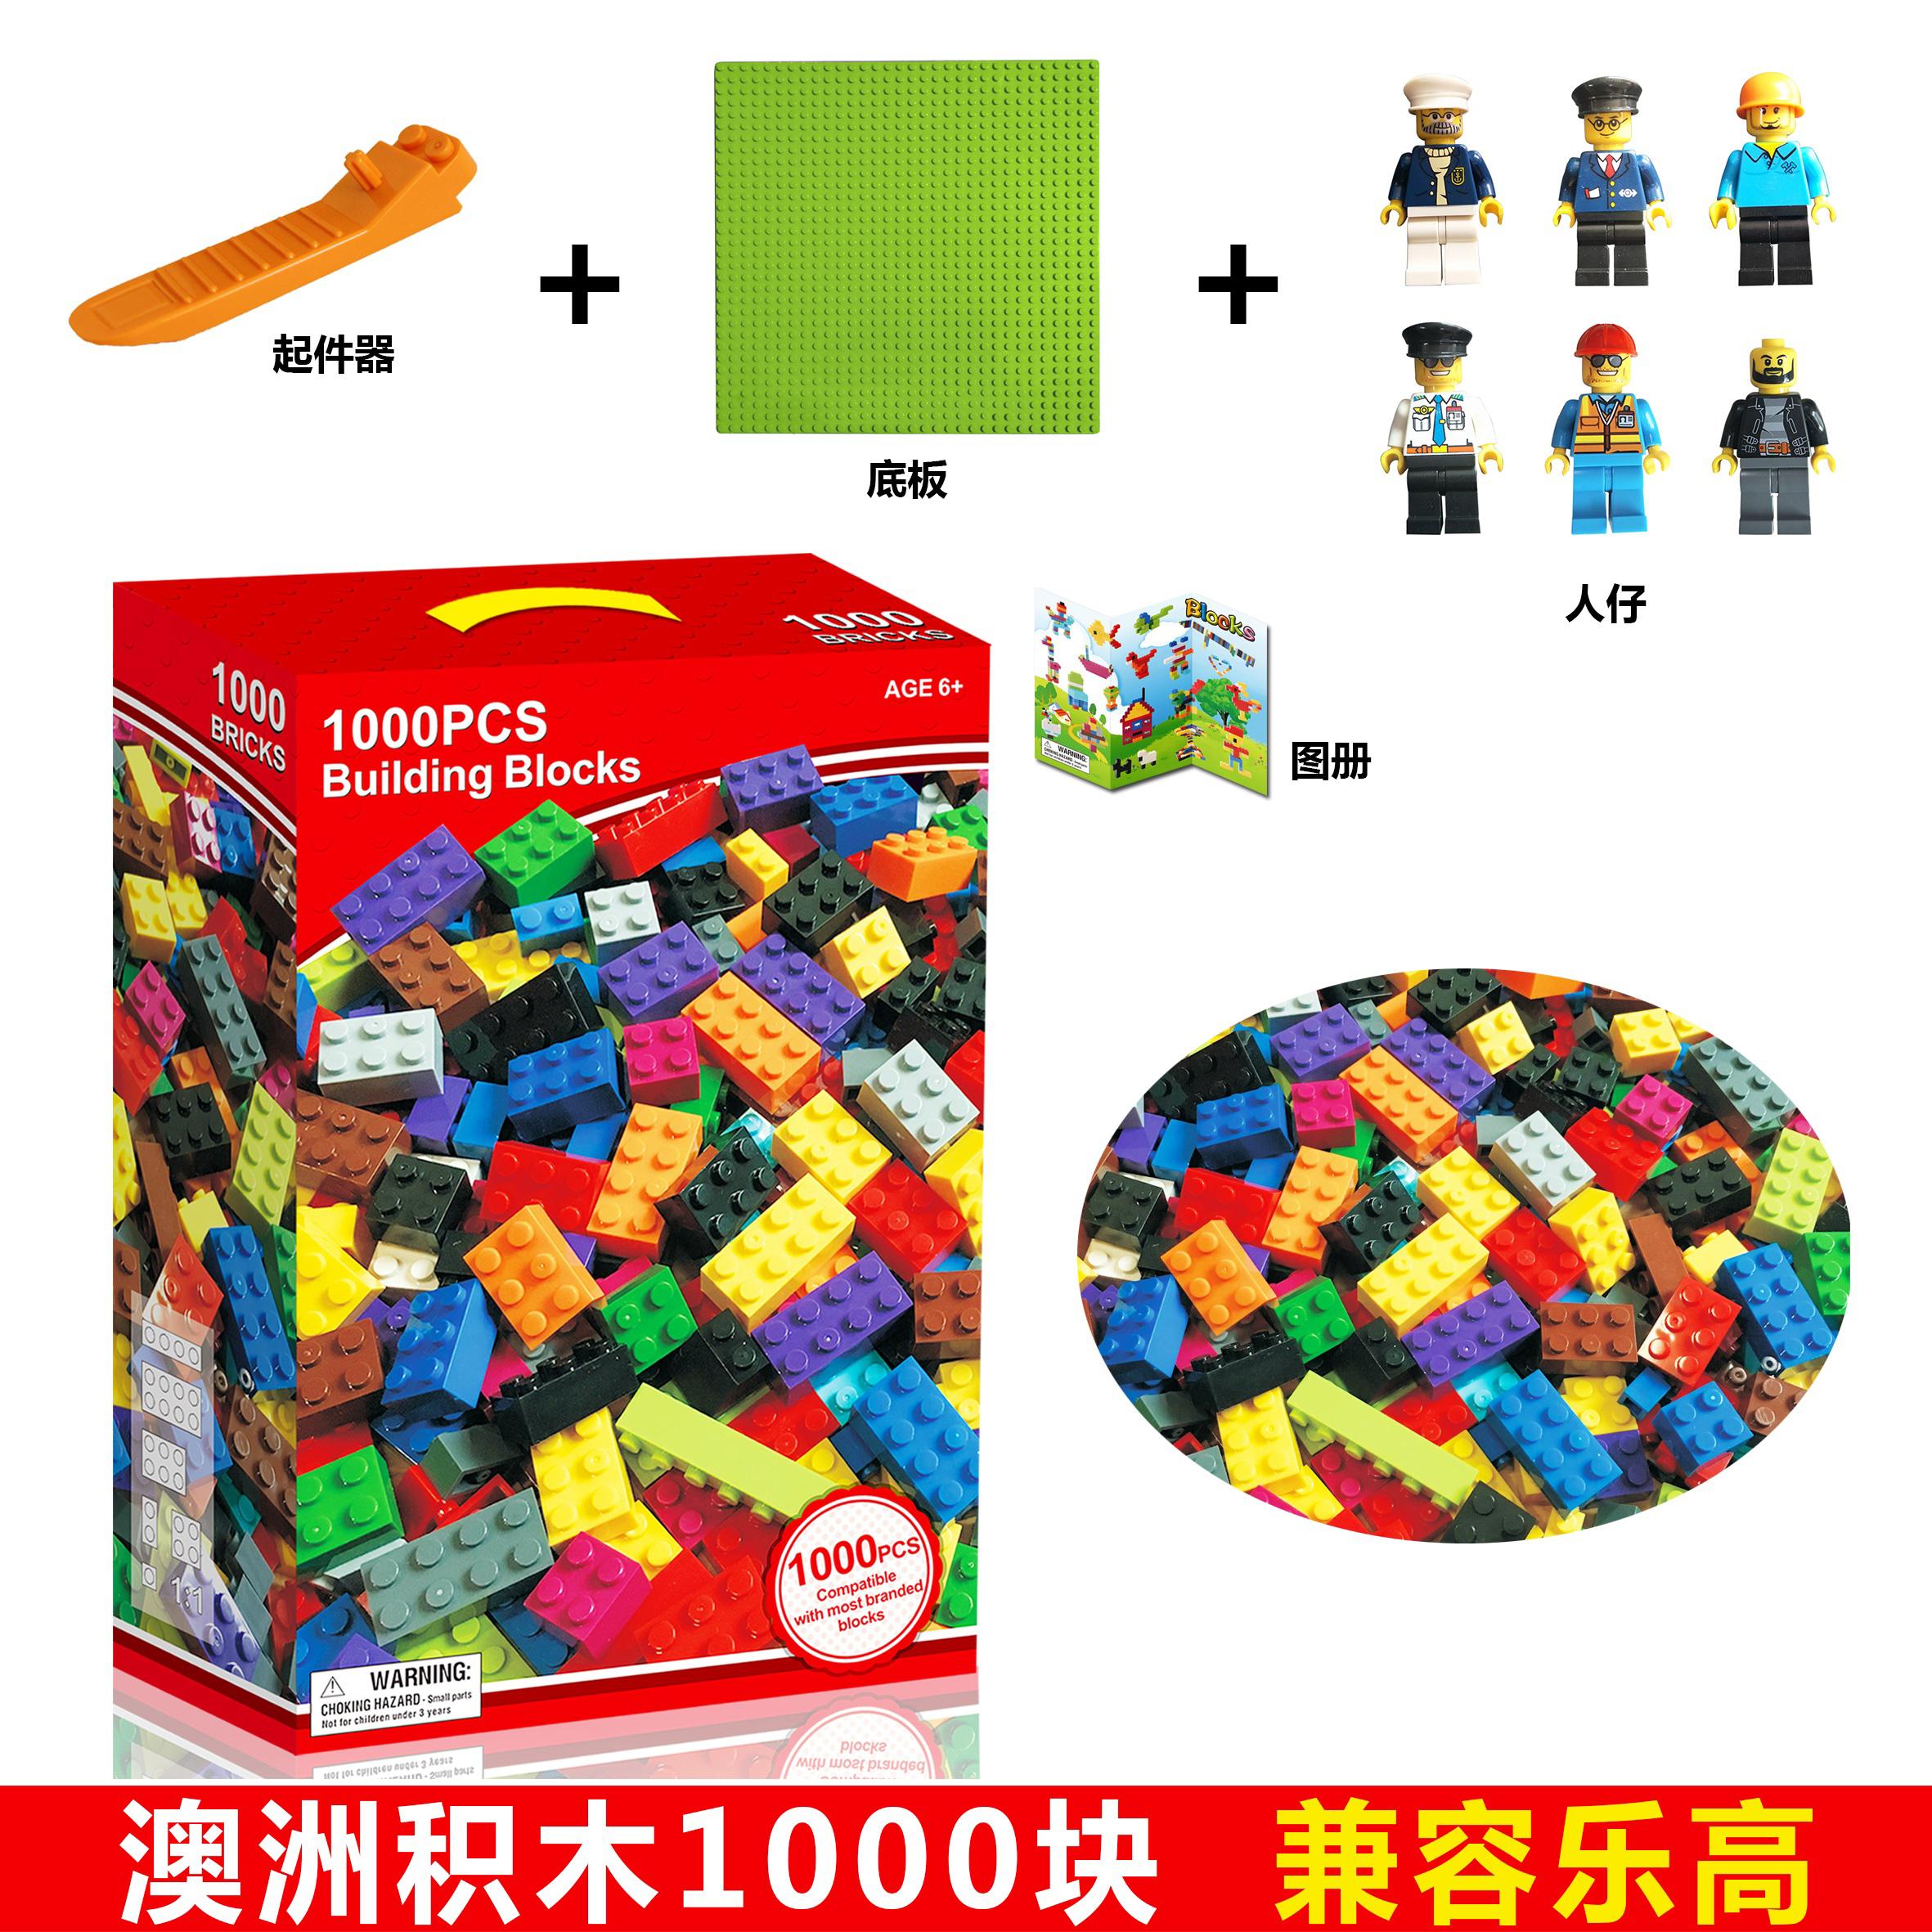 益智儿童玩具小积木澳洲building block1000块小颗粒拼装积木拼图